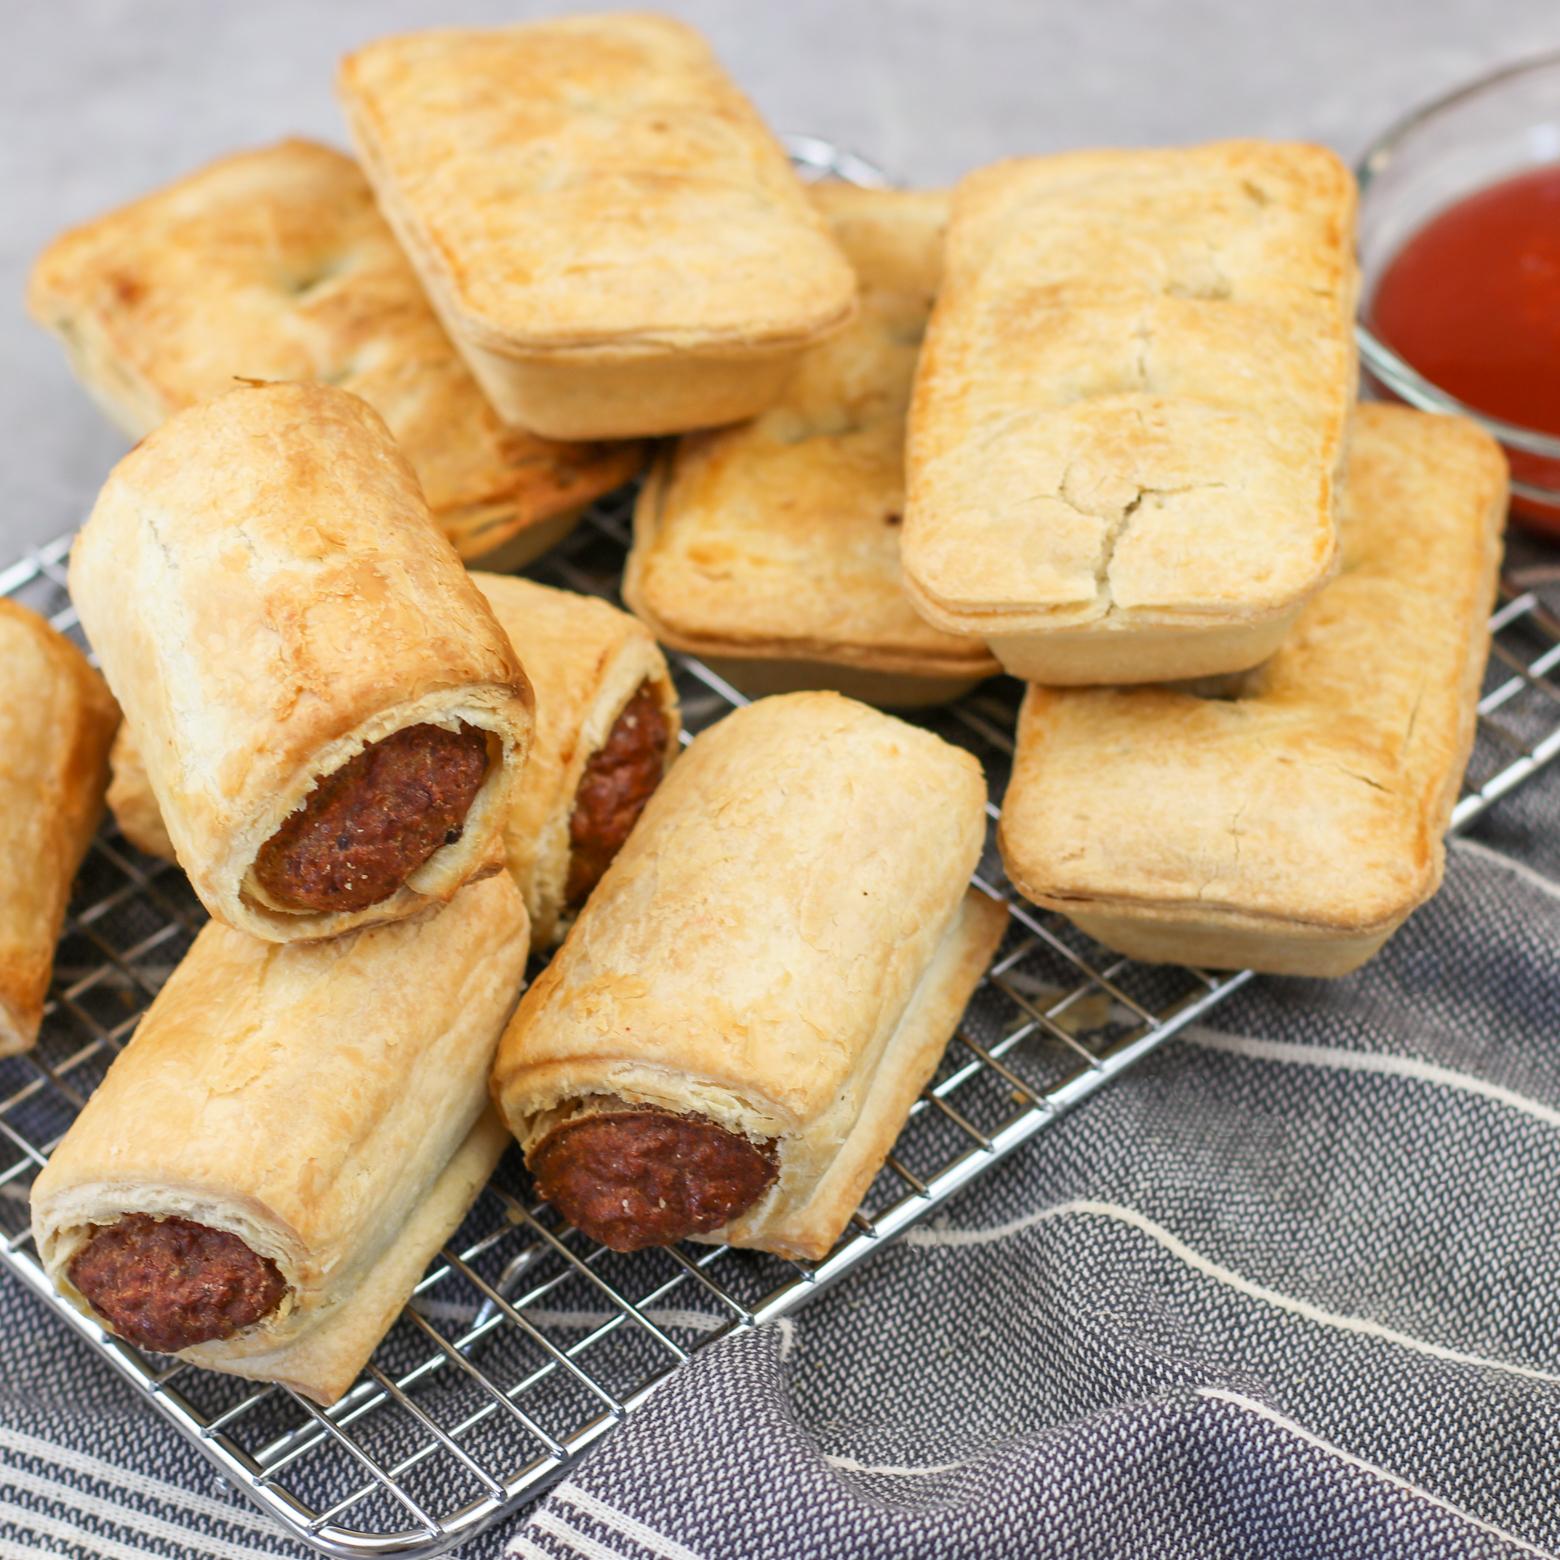 Steak Pie & Sausage Roll - 8 Duo Pack - SnapFresh